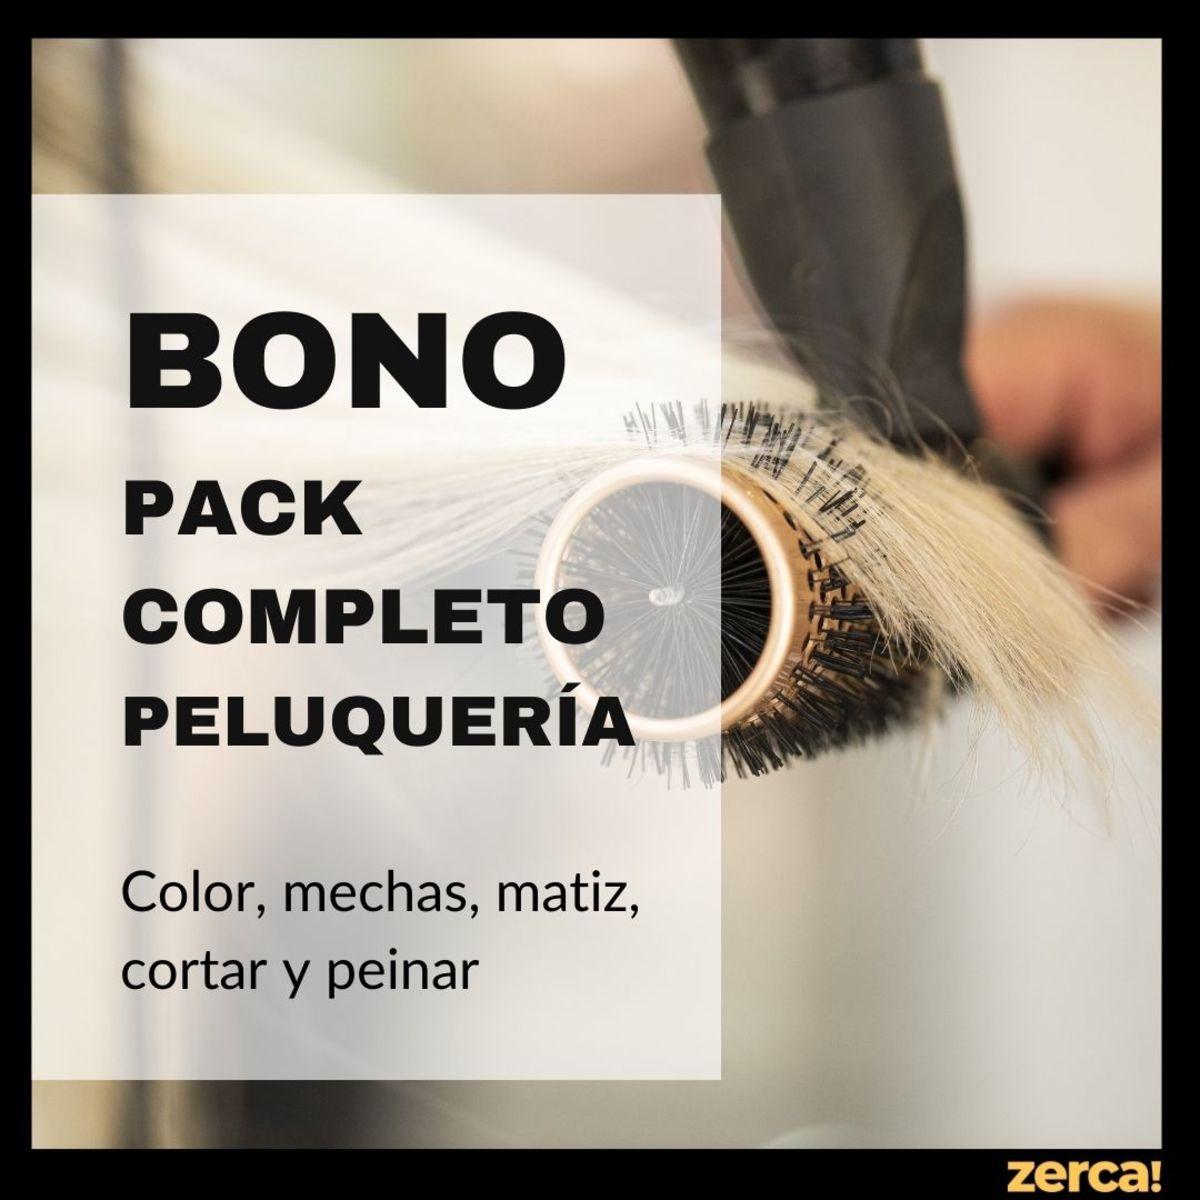 Pack completo peluquería